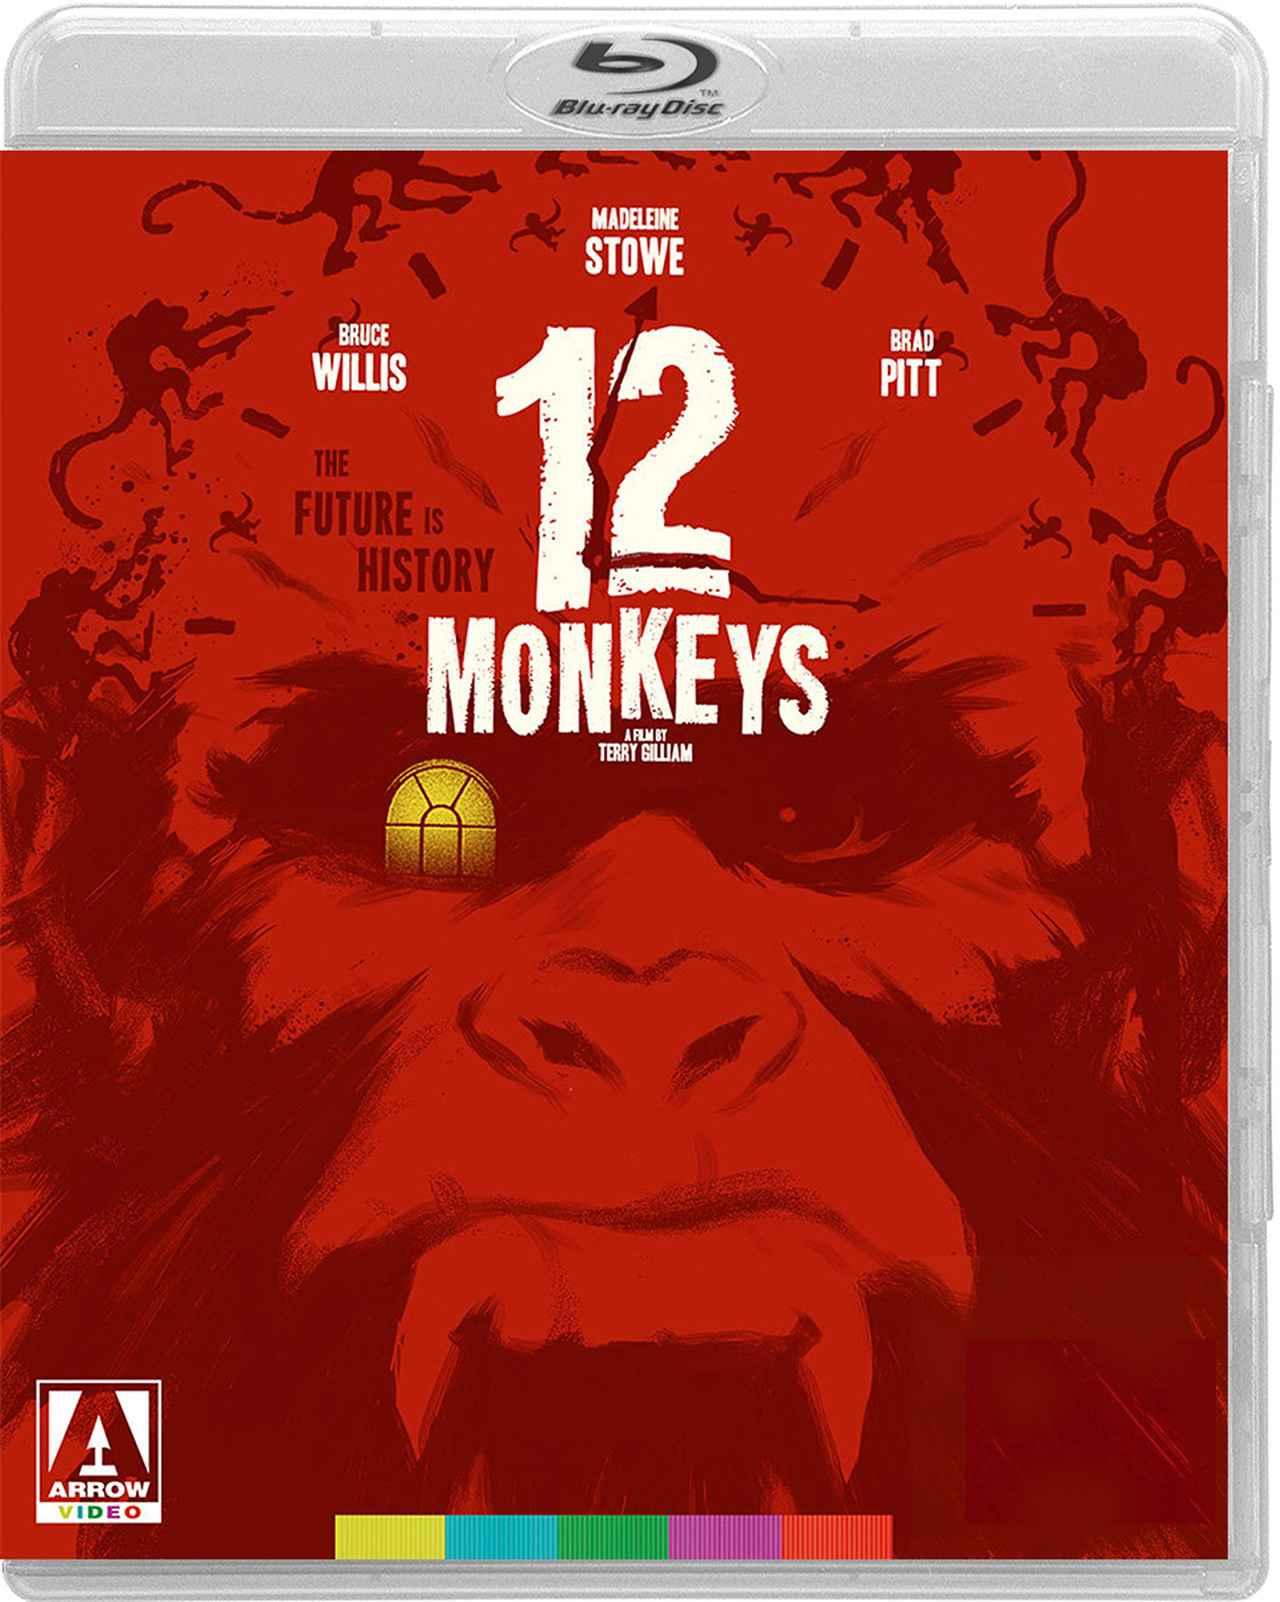 画像1: 『12モンキーズ』テリー・ギリアム監督の傑作SFが4KリマスターBDで登場【海外盤Blu-ray発売情報】